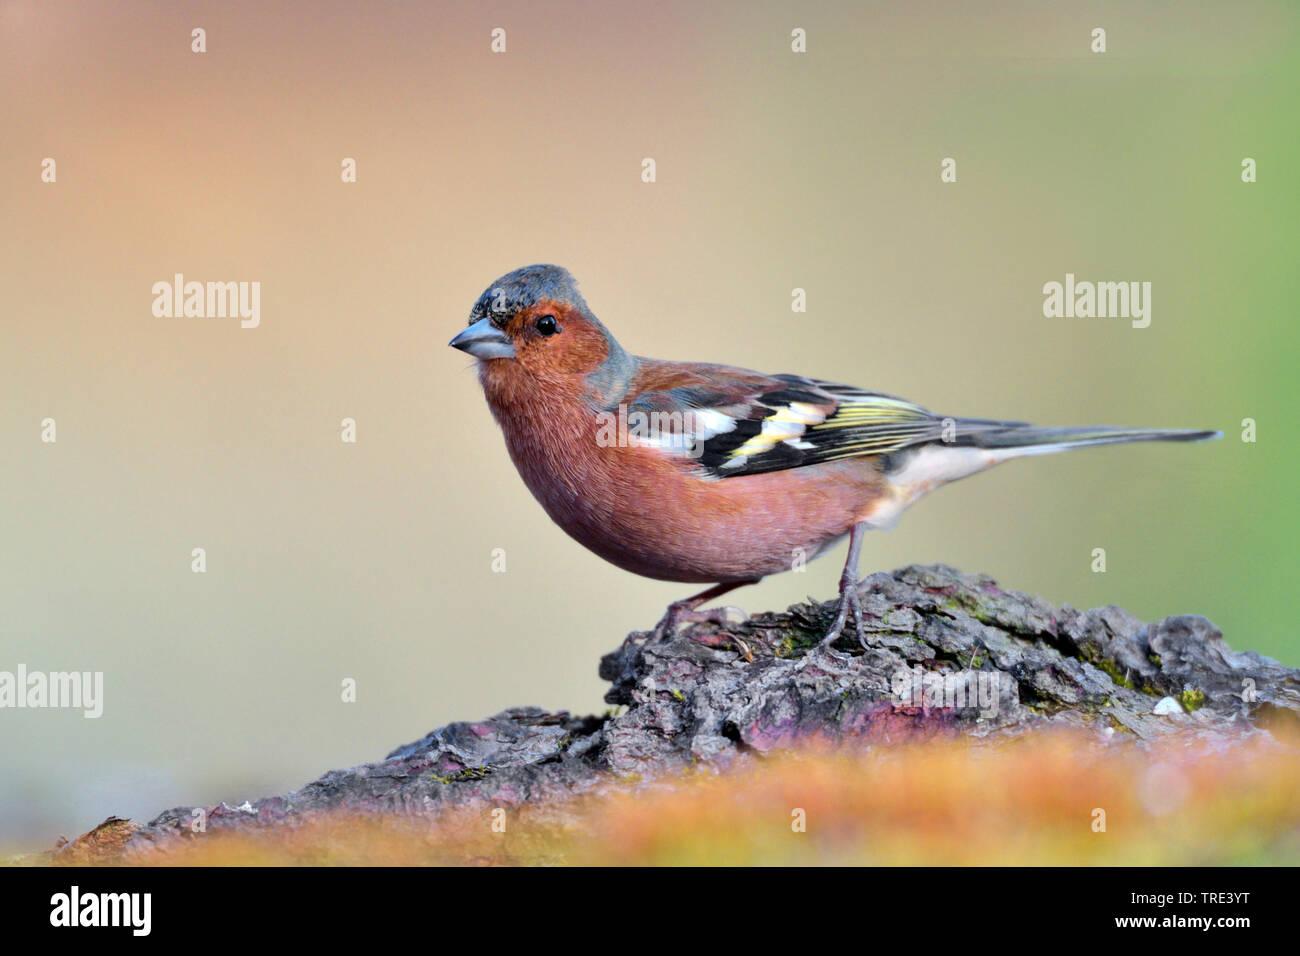 Buchfink, Buch-Fink (Fringilla coelebs), auf einem Ast, Deutschland, Nordrhein-Westfalen | chaffinch (Fringilla coelebs), on a branch, Germany, North - Stock Image